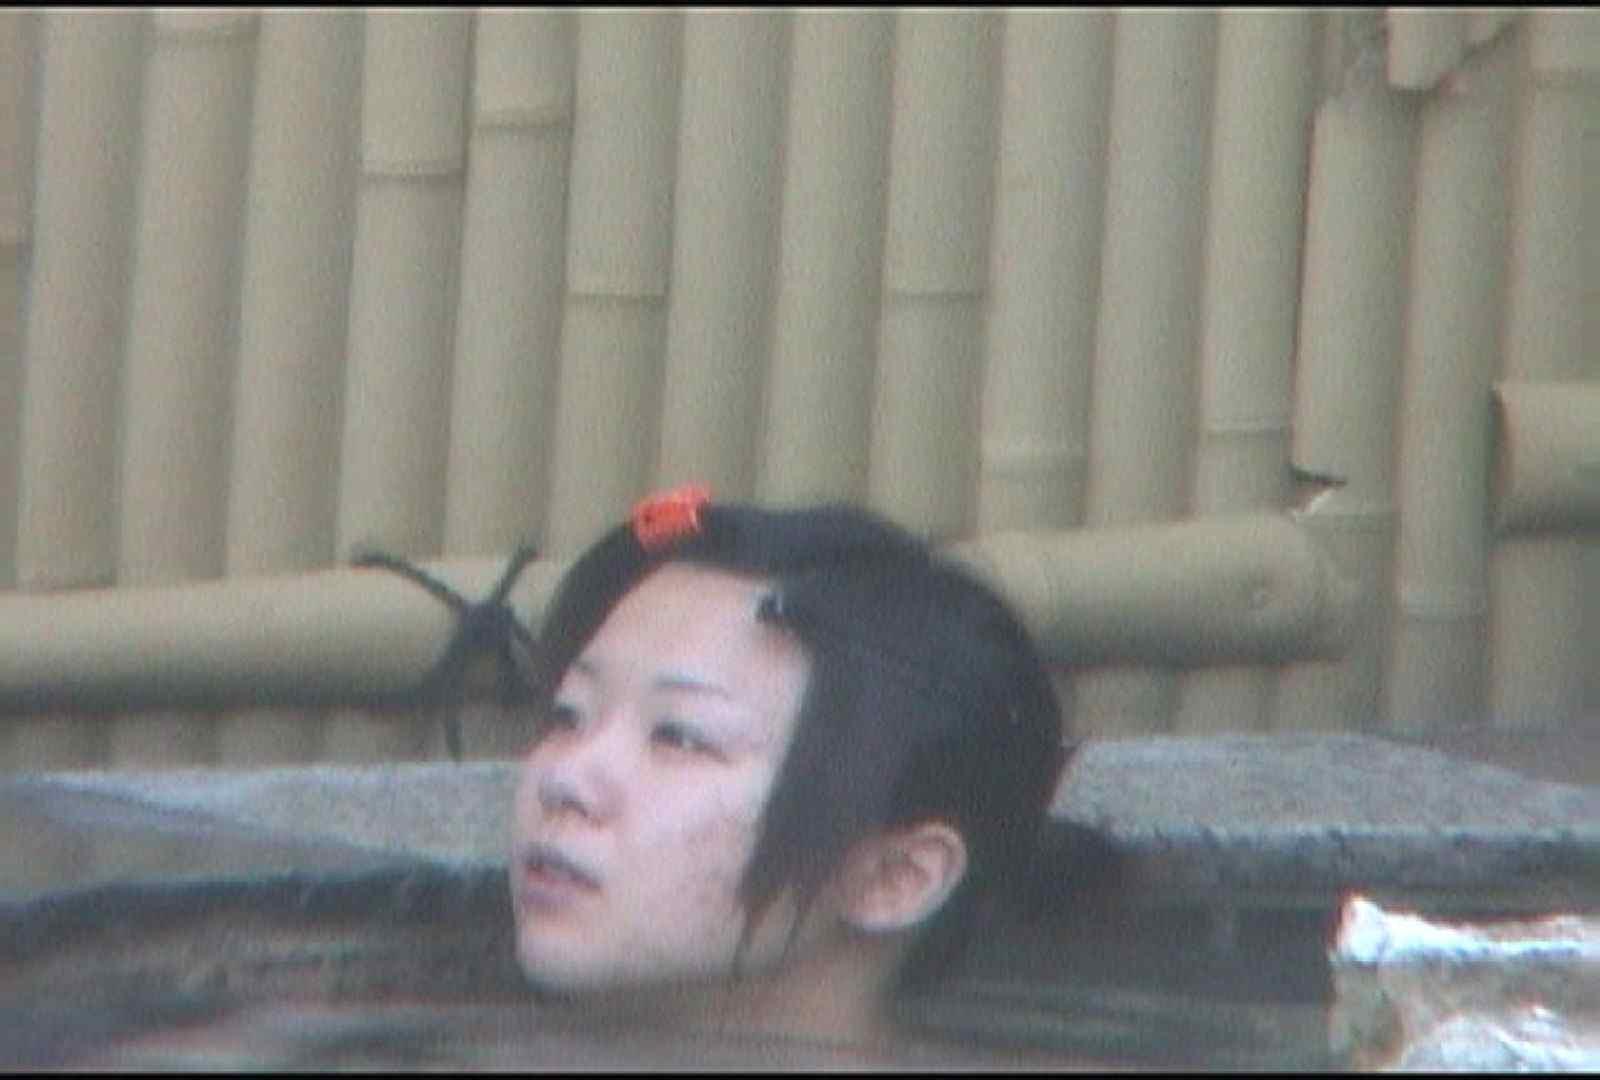 Aquaな露天風呂Vol.175 盗撮 オメコ動画キャプチャ 99枚 59